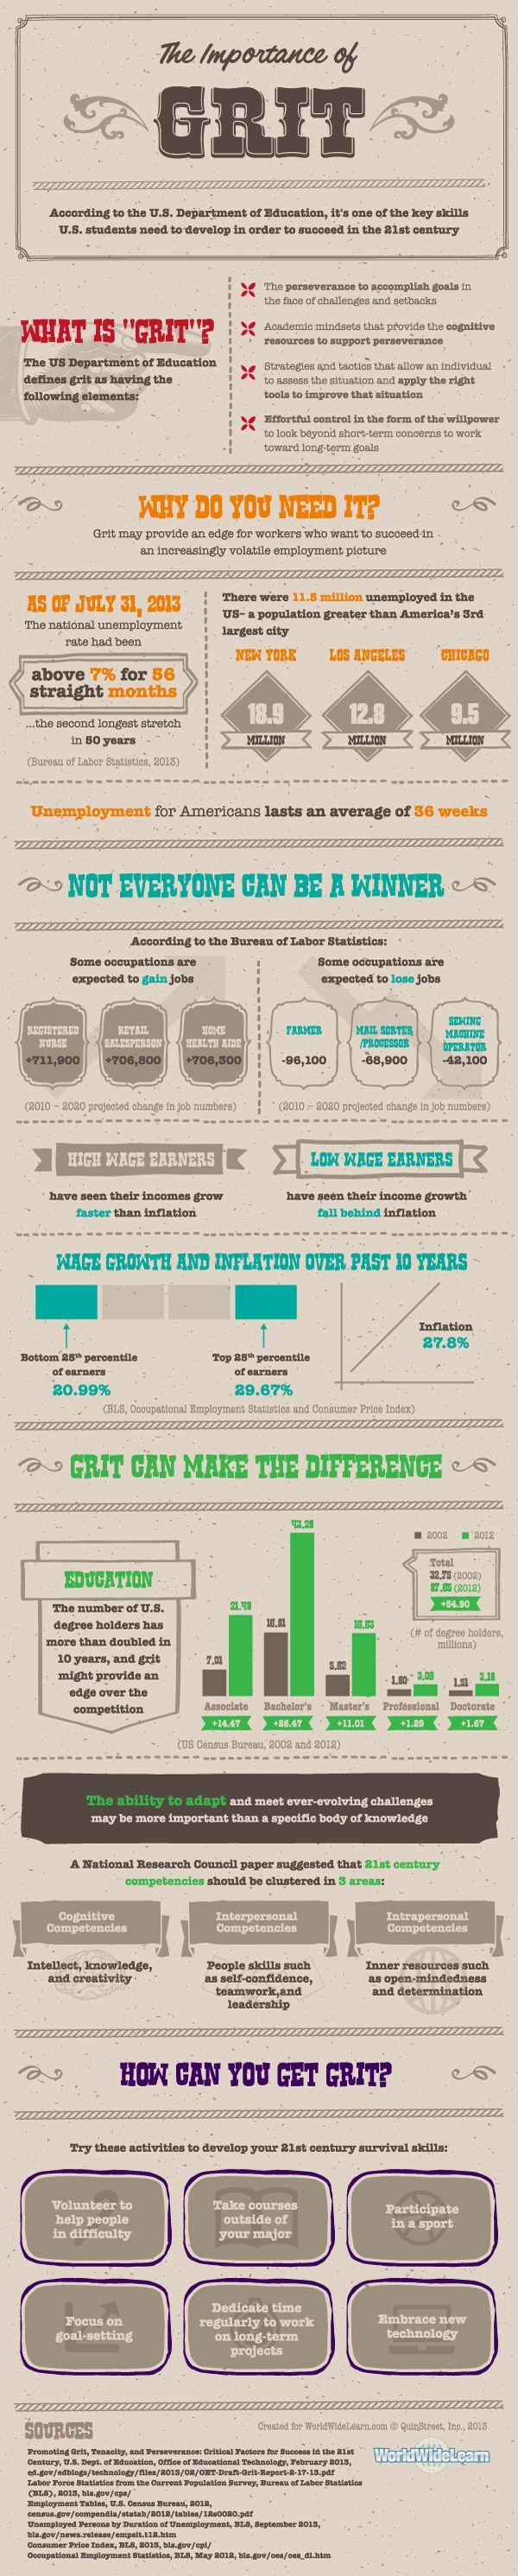 La importancia de la determinación y la capacidad de adaptación será básica en el siglo XXI Via The Importance of #Grit in #Students #Infographic | #Learning Infographicse-Learning Infographics